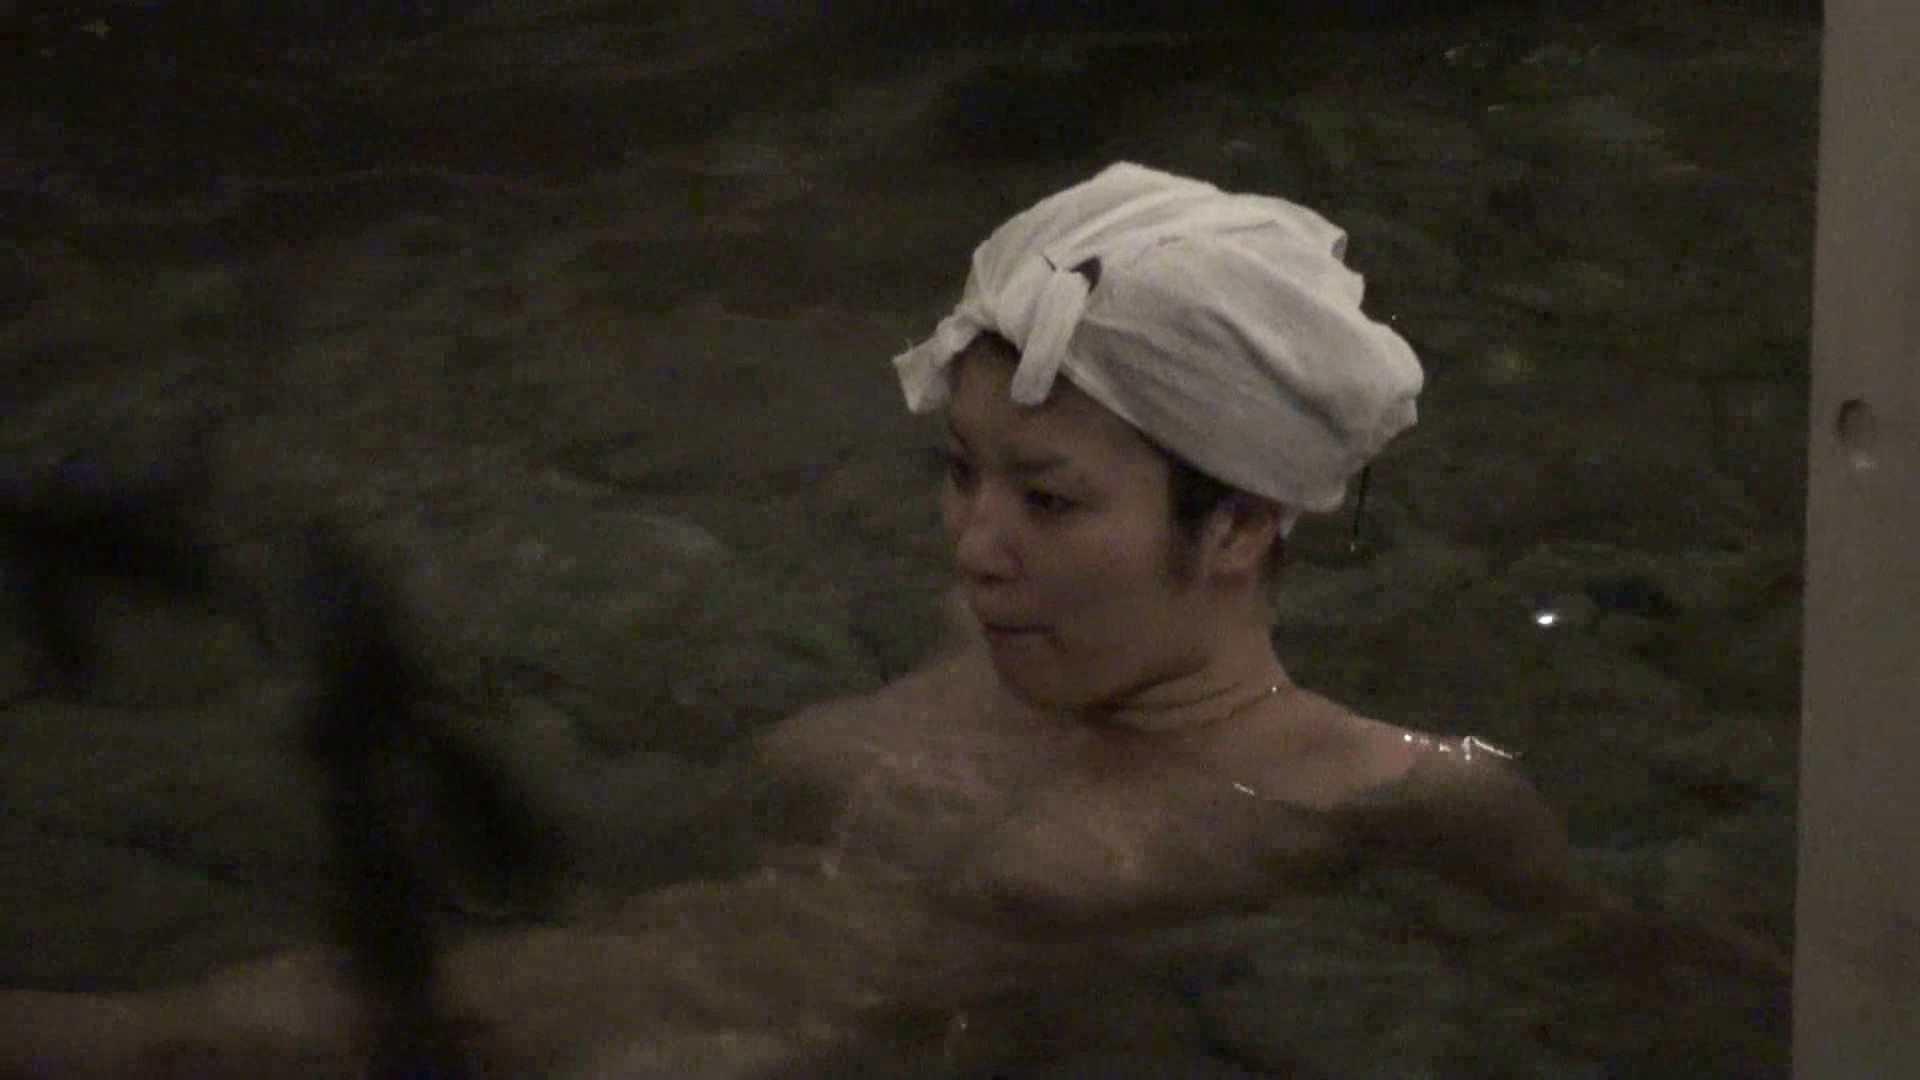 Aquaな露天風呂Vol.395 綺麗なOLたち 隠し撮りオマンコ動画紹介 79枚 17